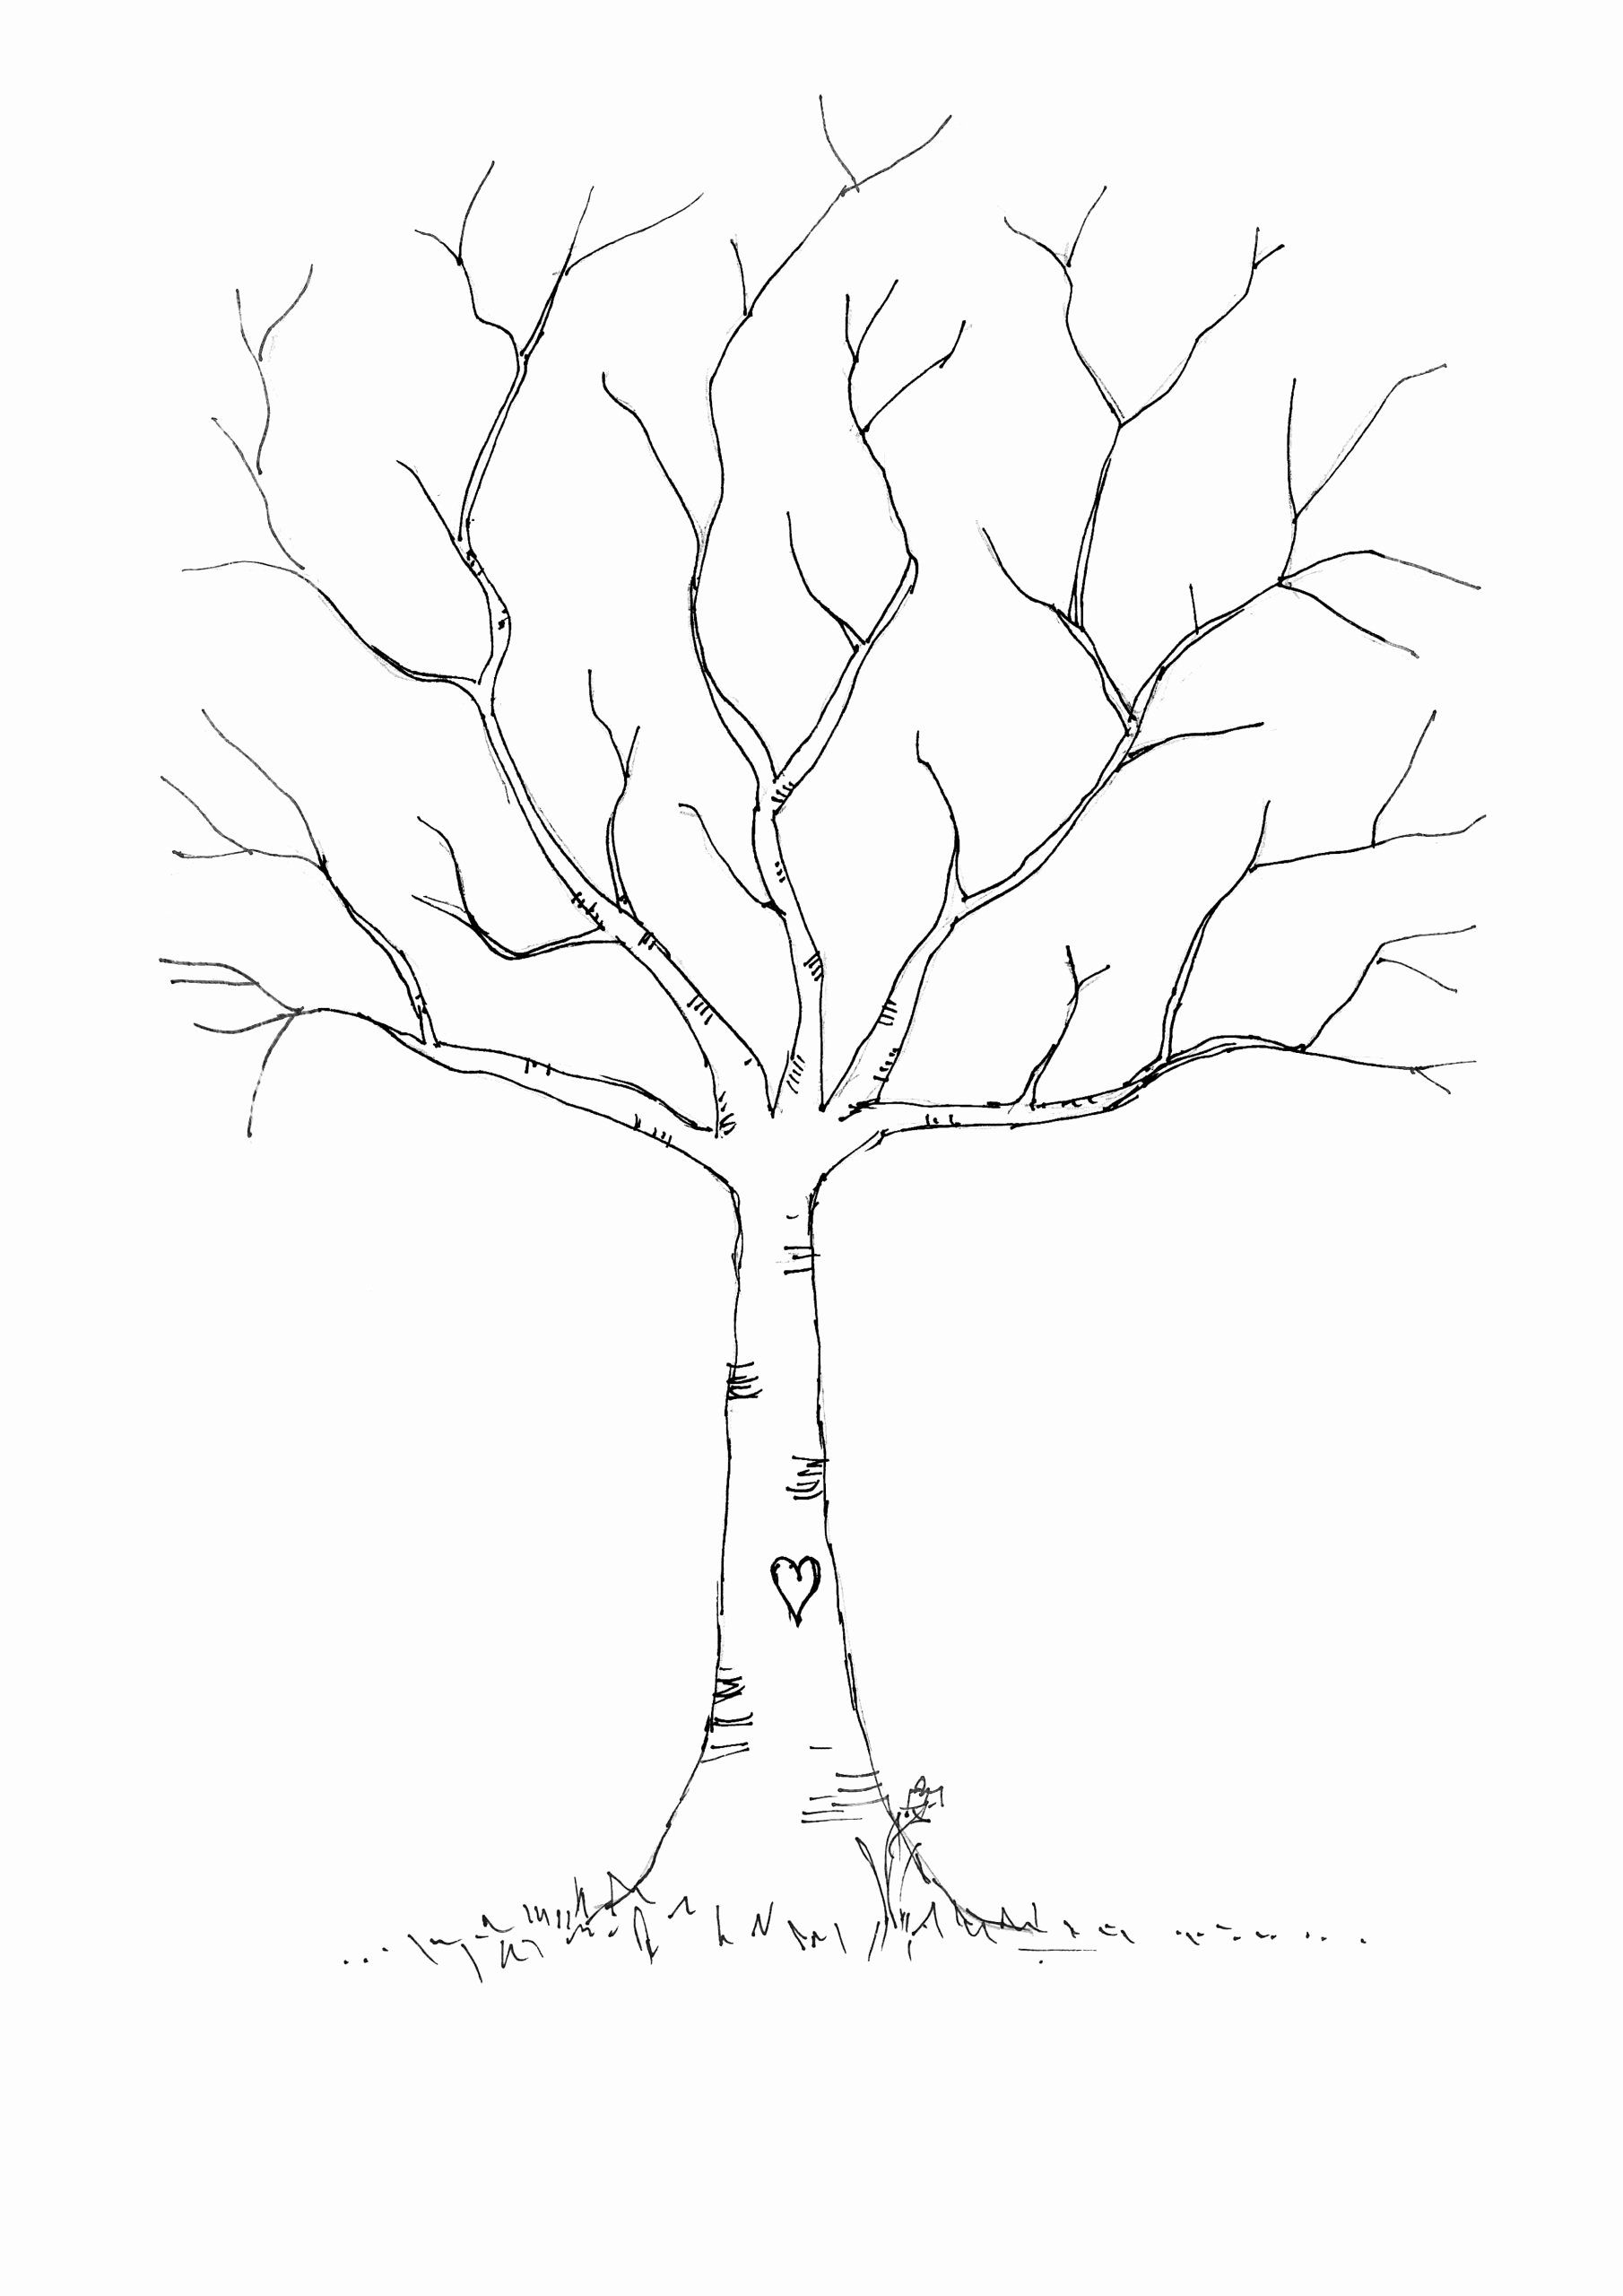 Pin Von Melanie Dienger Auf Hochzeit In 2020 Baum Vorlage Gastebuch Baum Baume Zeichnen